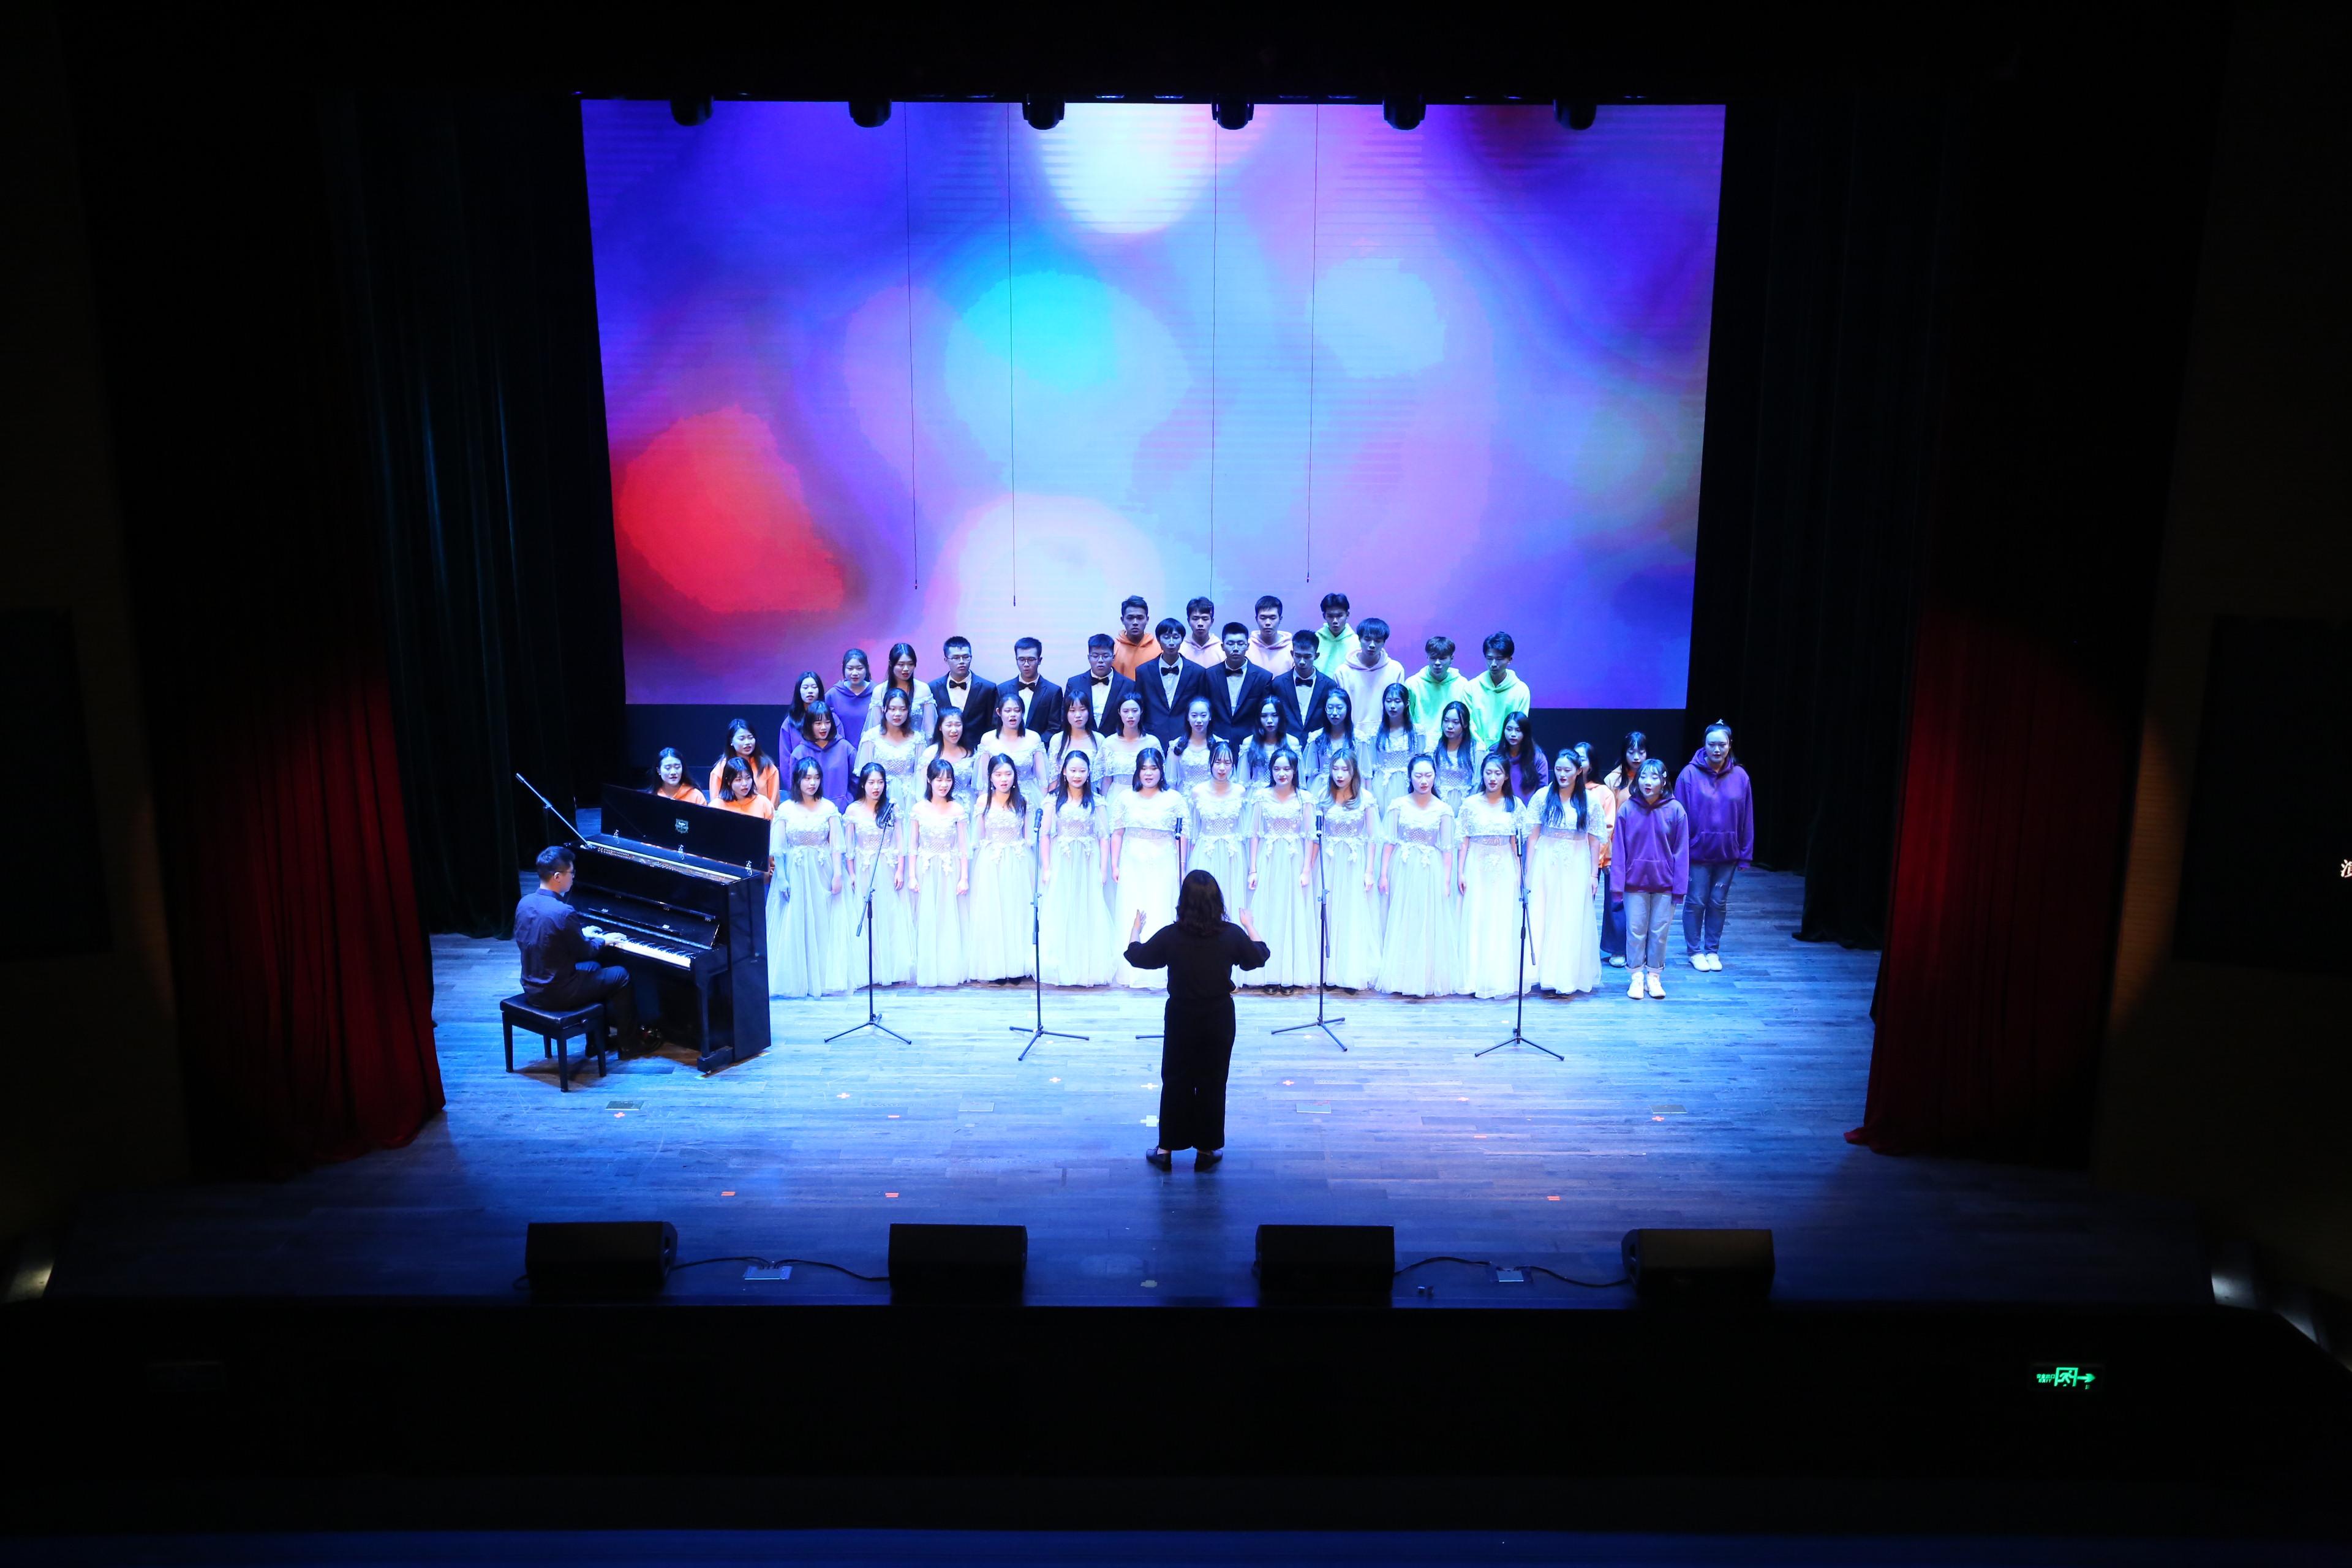 大学生艺术团教学成果展示声乐专场...